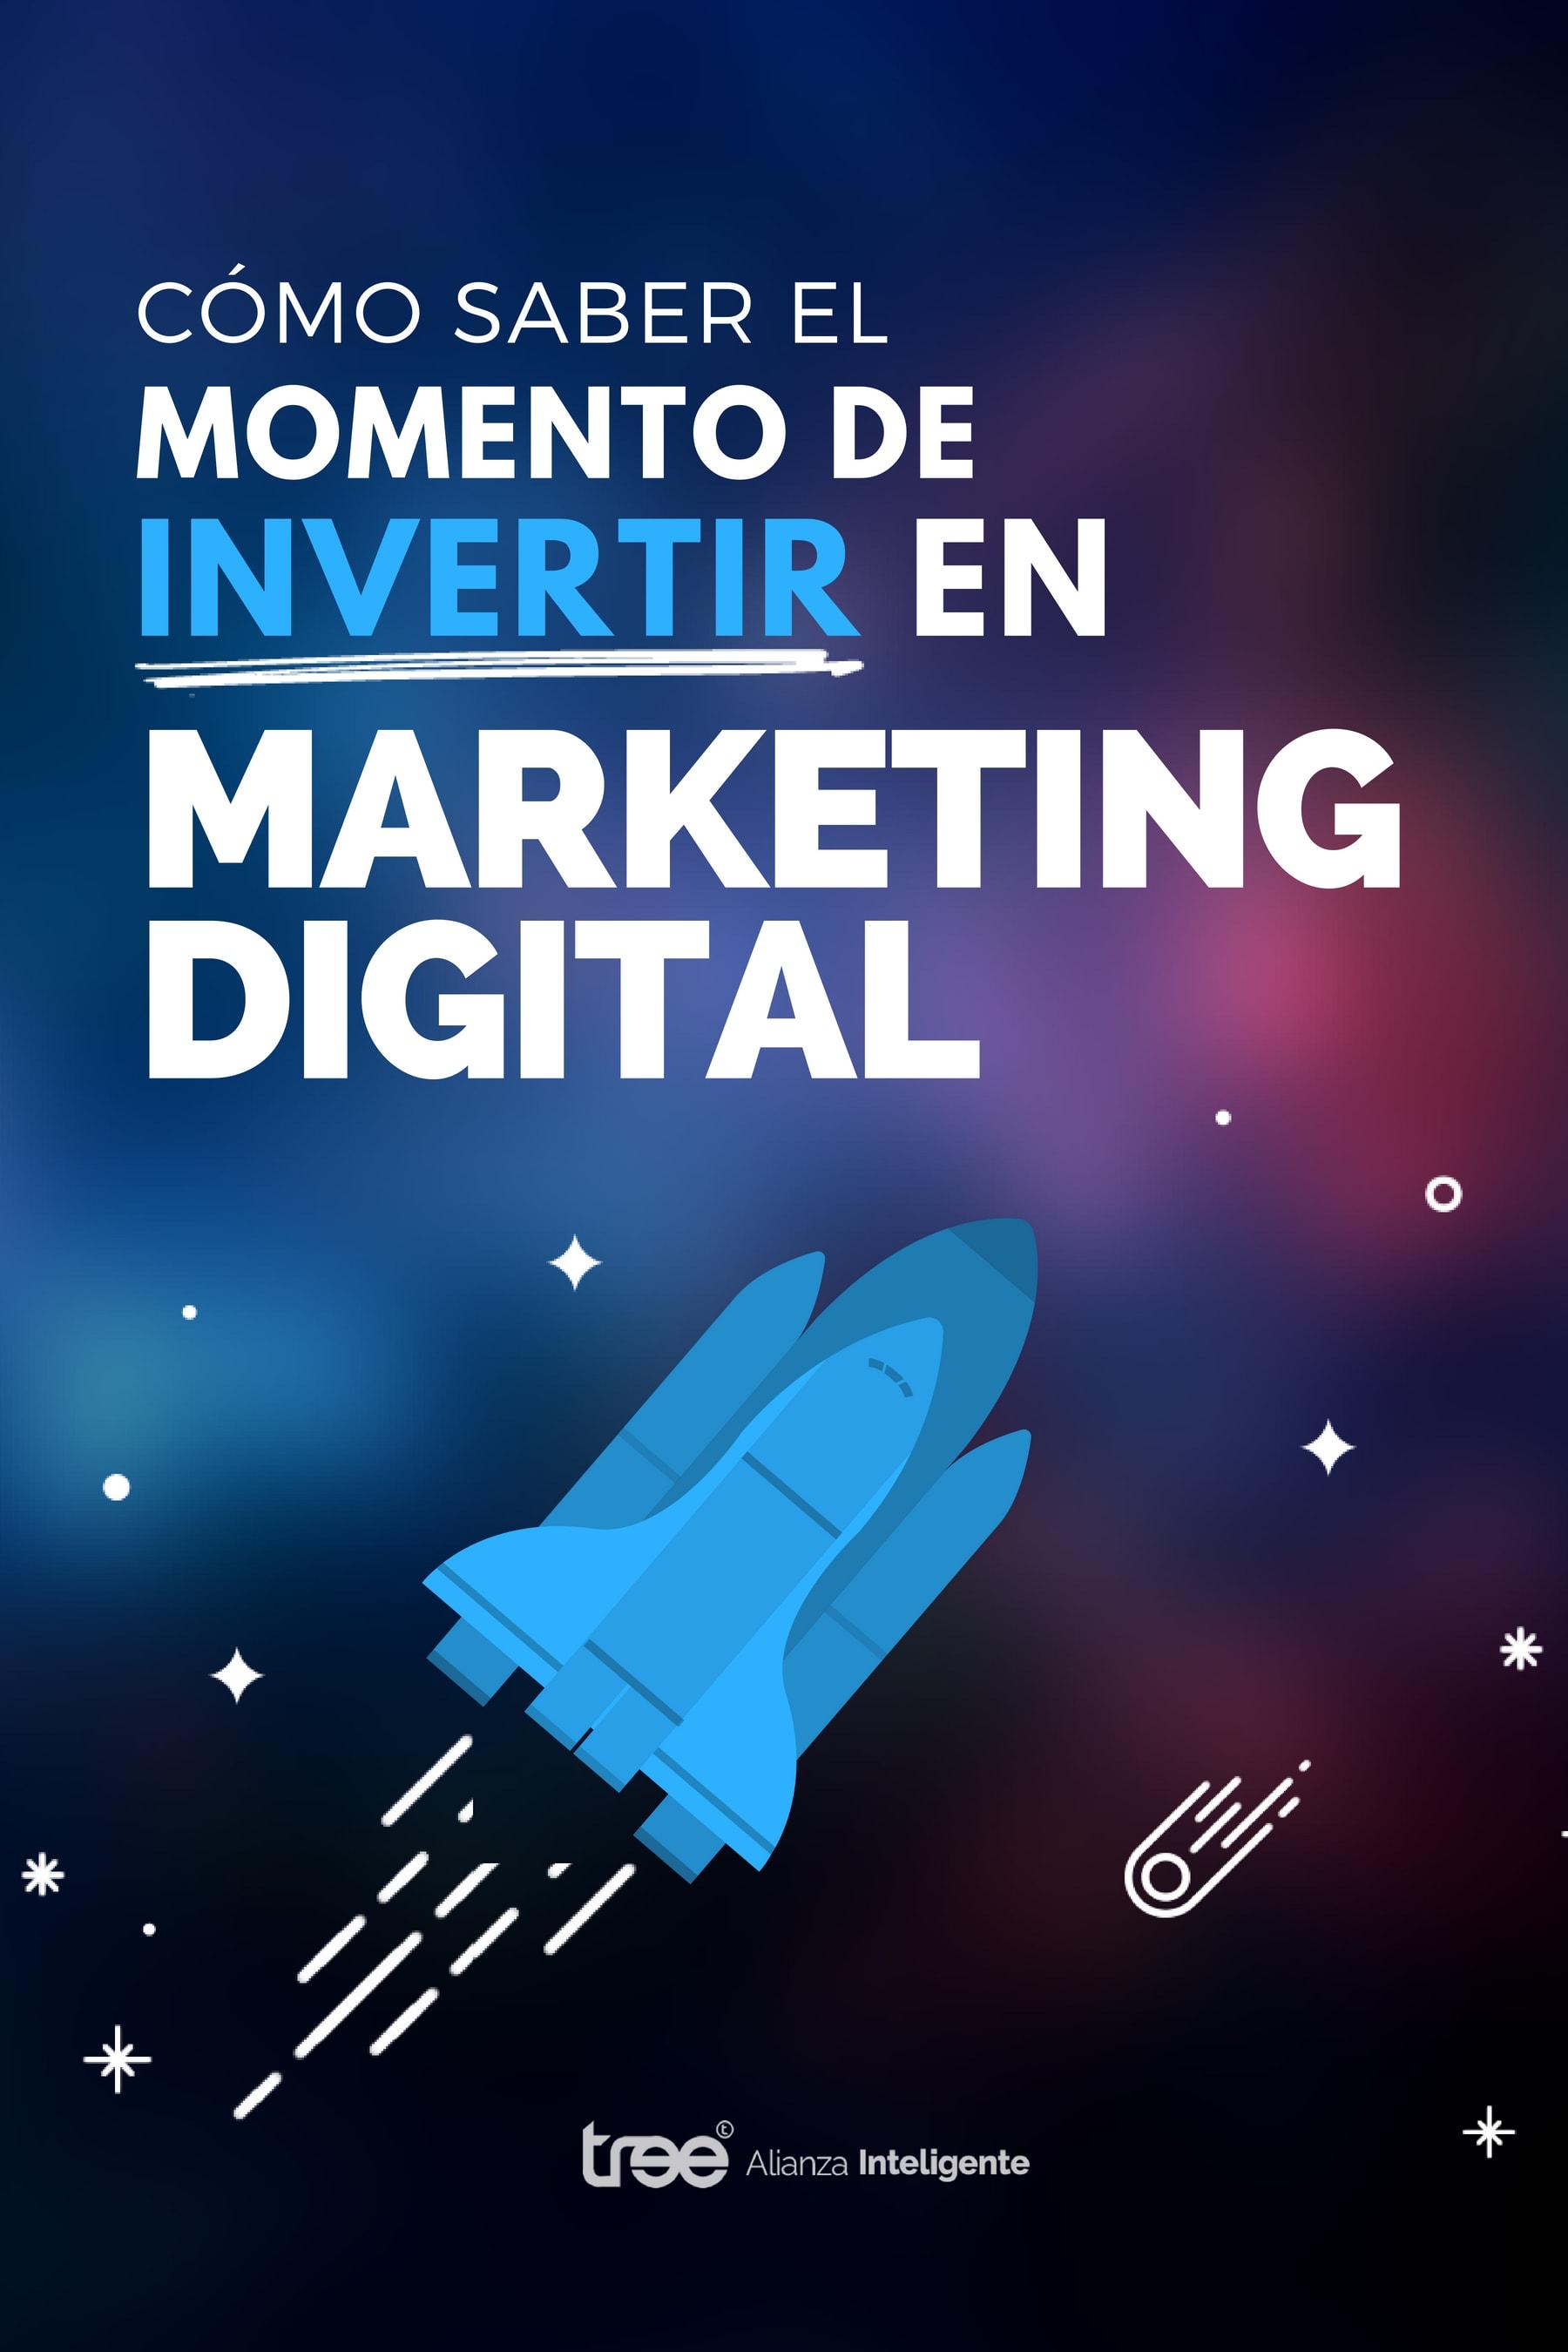 Ebook - Cómo saber el momento de Invertir en Marketing Digital